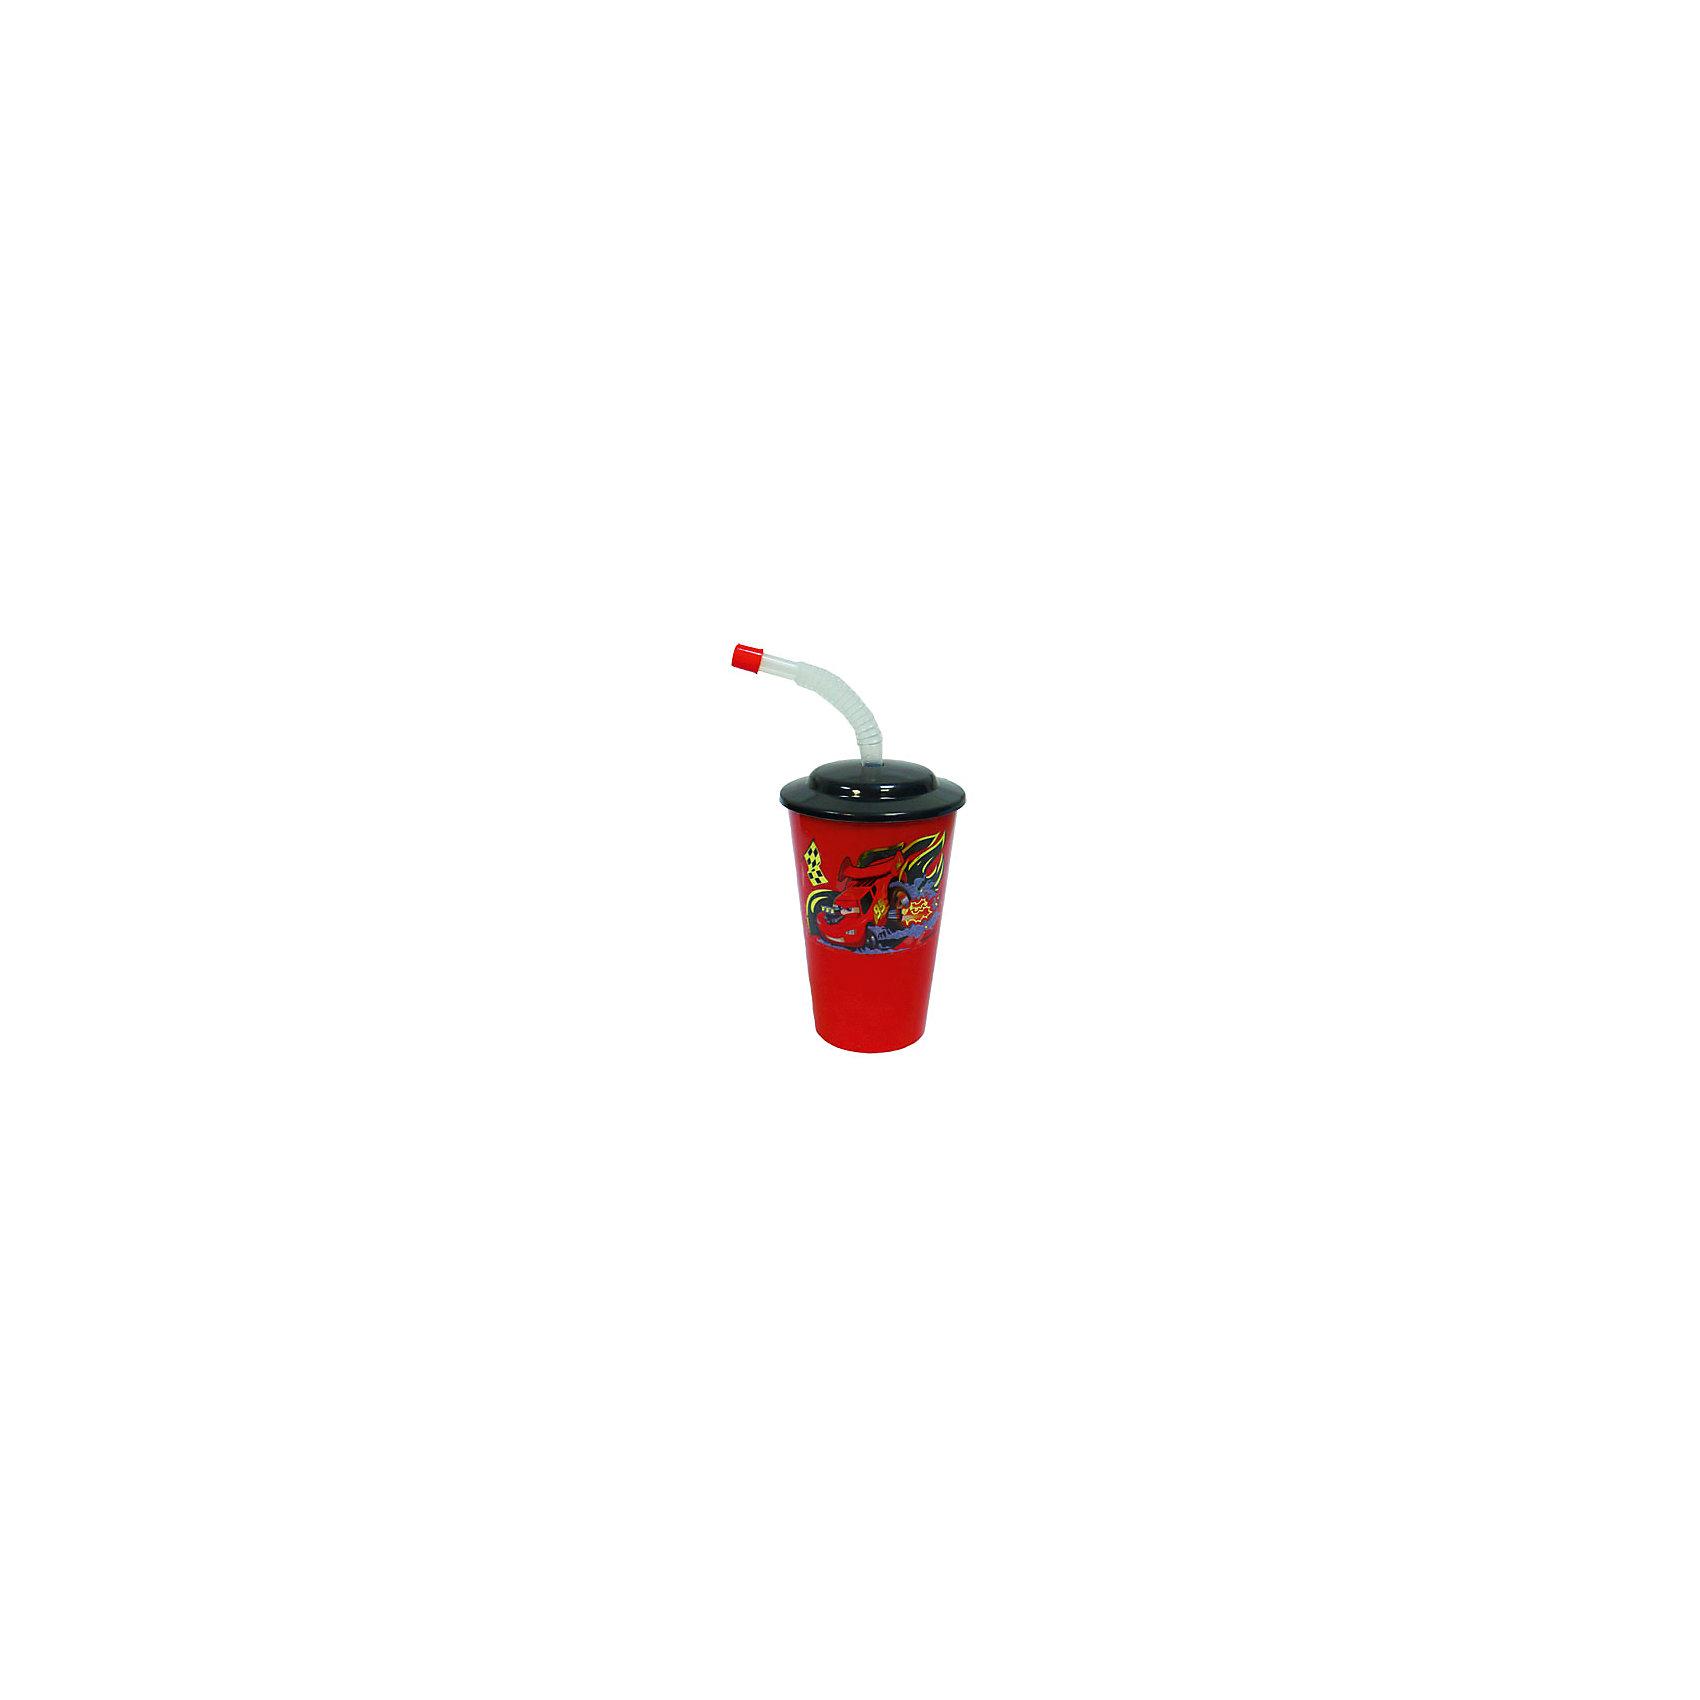 Стакан с крышкой и трубочкой, 500 млСтакан с изображением любимых героев мультфильма Тачки (Cars) приведет в восторг любого мальчишку. Стакан имеет удобную крышку, исключающую проливание и гибкую трубочку с пластиковым закрывающимся наконечником, выполнен из высококачественного экологичного пищевого пластика. Пластиковая посуда - практичная и безопасная, ее можно брать с собой куда угодно, не беспокоясь, что она может разбиться и поранить ребенка.   <br><br>Дополнительная информация:<br><br>- Материал: пластик.<br>- Объем: 500 мл.<br><br>Стакан с крышкой и трубочкой, 500 мл, можно купить в нашем магазине.<br><br>Ширина мм: 110<br>Глубина мм: 90<br>Высота мм: 190<br>Вес г: 65<br>Возраст от месяцев: 36<br>Возраст до месяцев: 144<br>Пол: Мужской<br>Возраст: Детский<br>SKU: 4761397